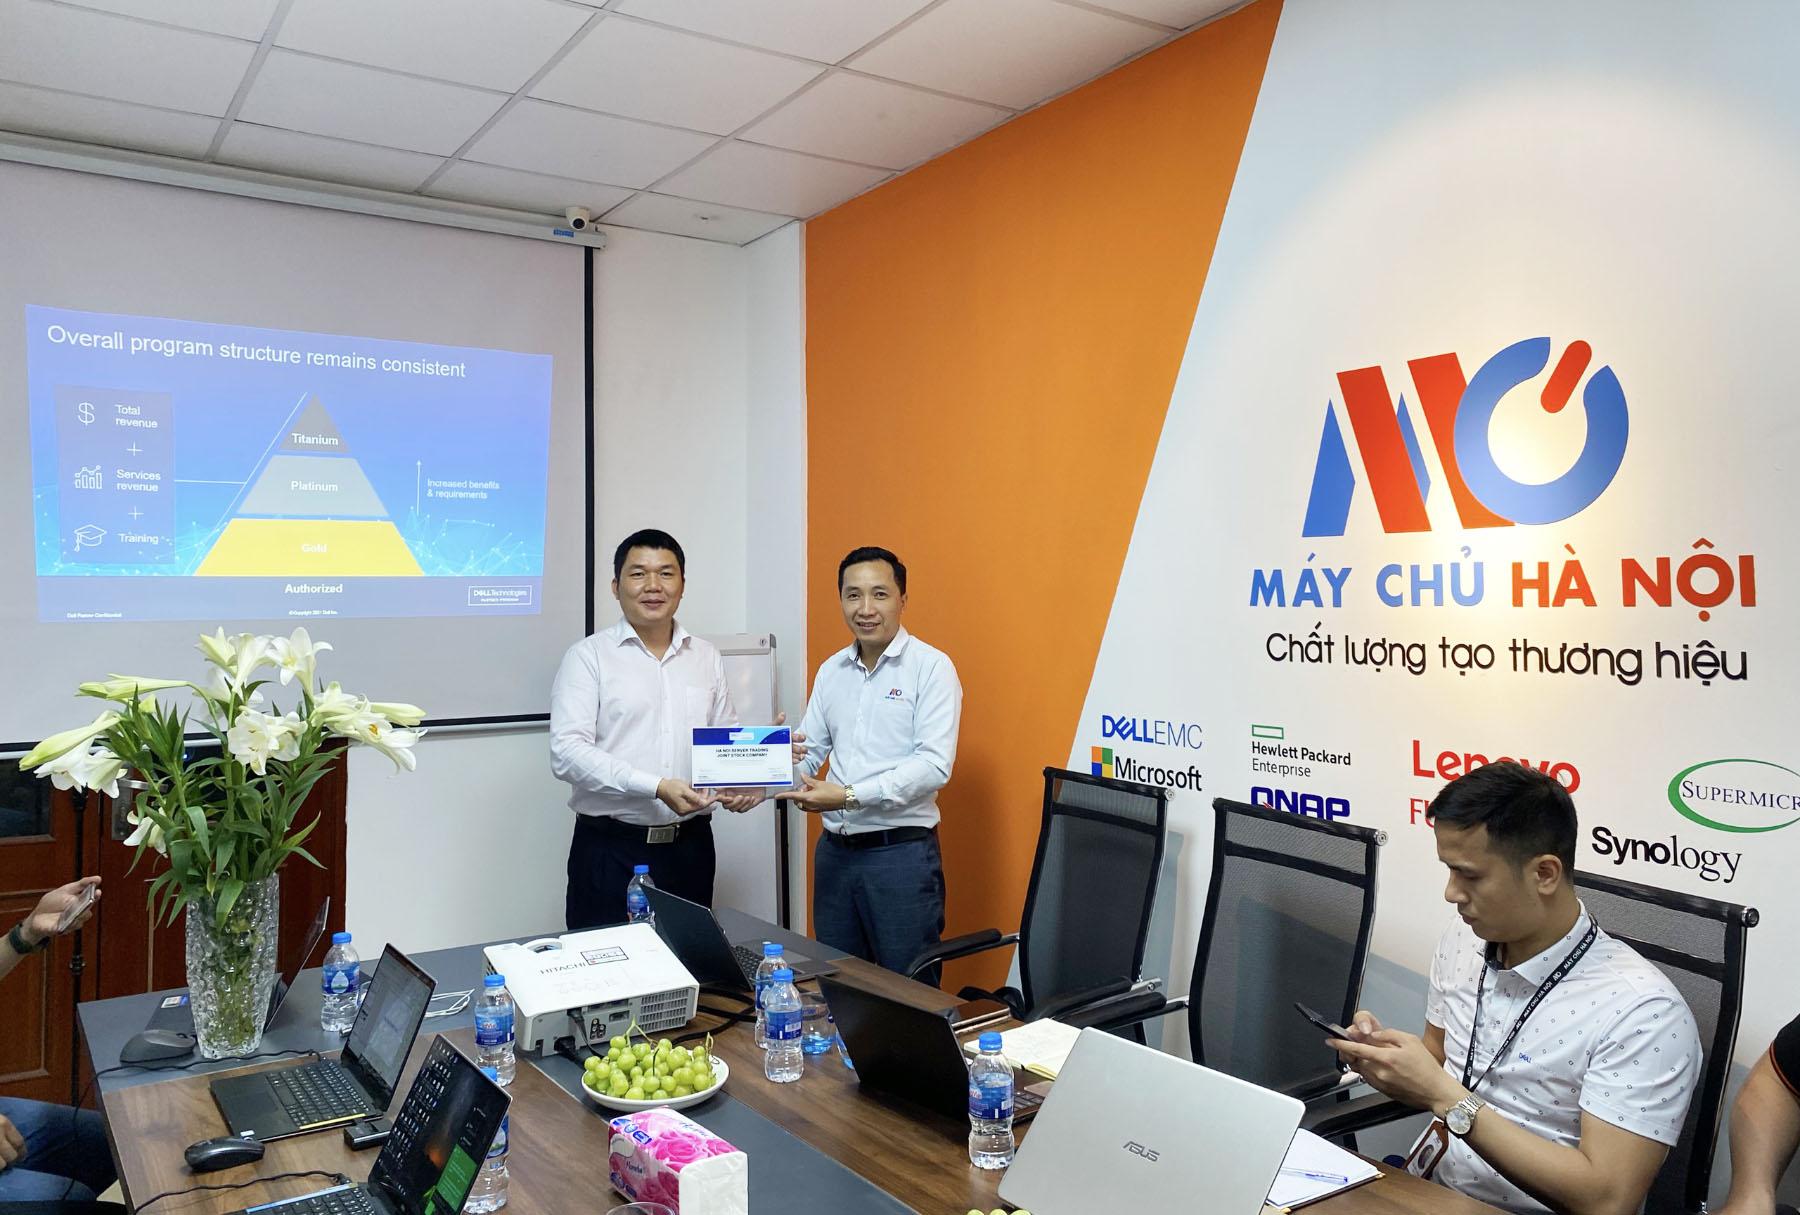 Máy Chủ Hà Nội nhận Bằng chứng nhận Gold Partner của Dell  EMC